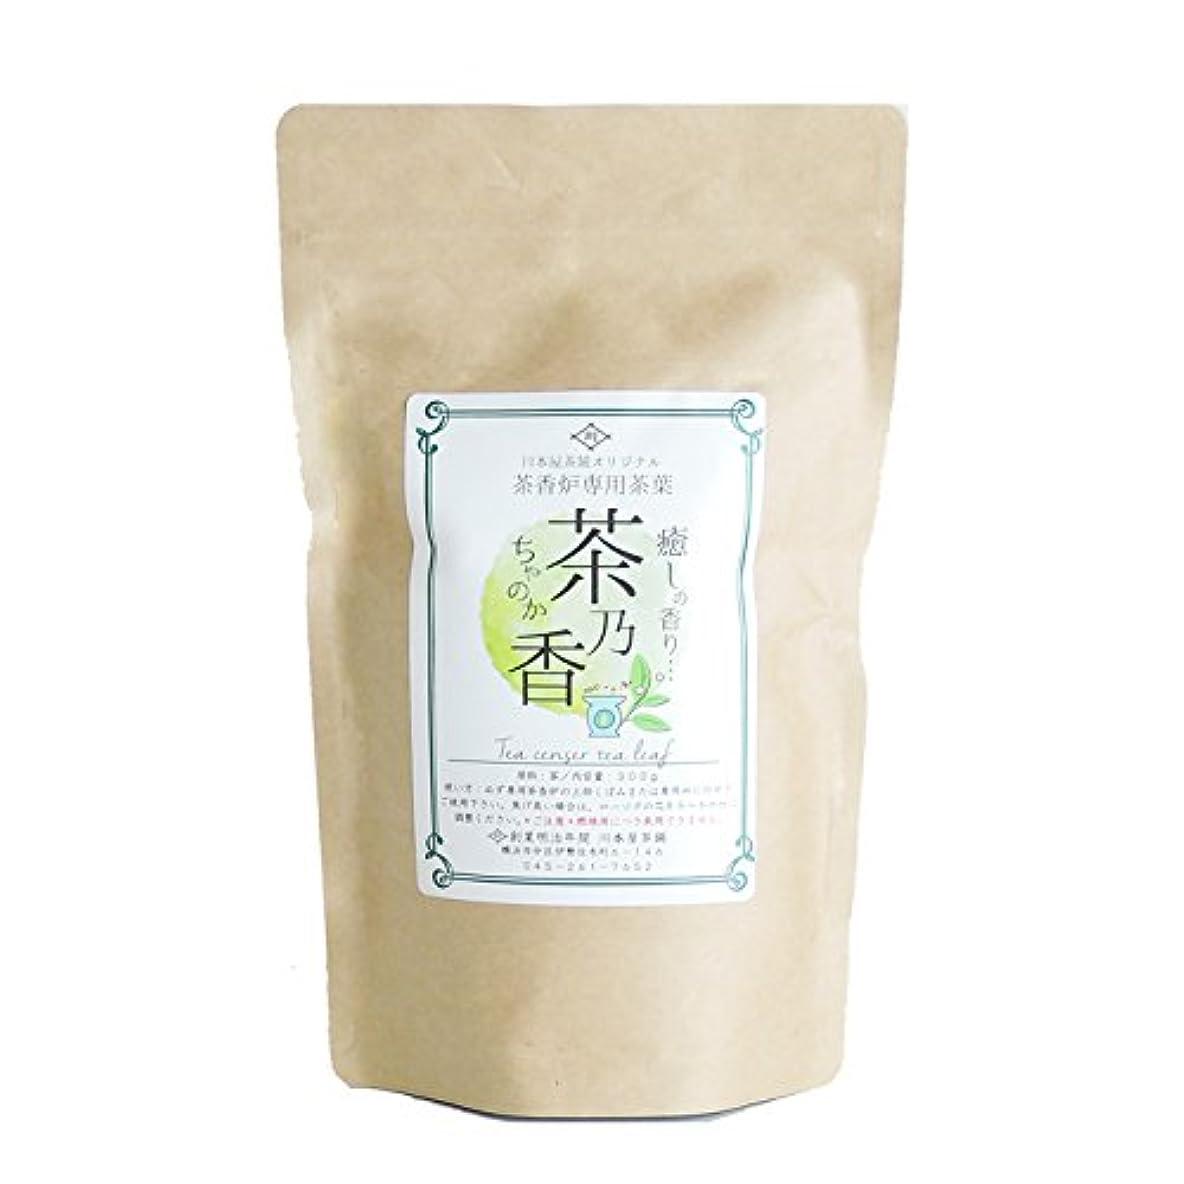 突然簡略化するウォーターフロント国産 茶香炉専用 茶葉 「茶乃香」300g 川本屋茶舗